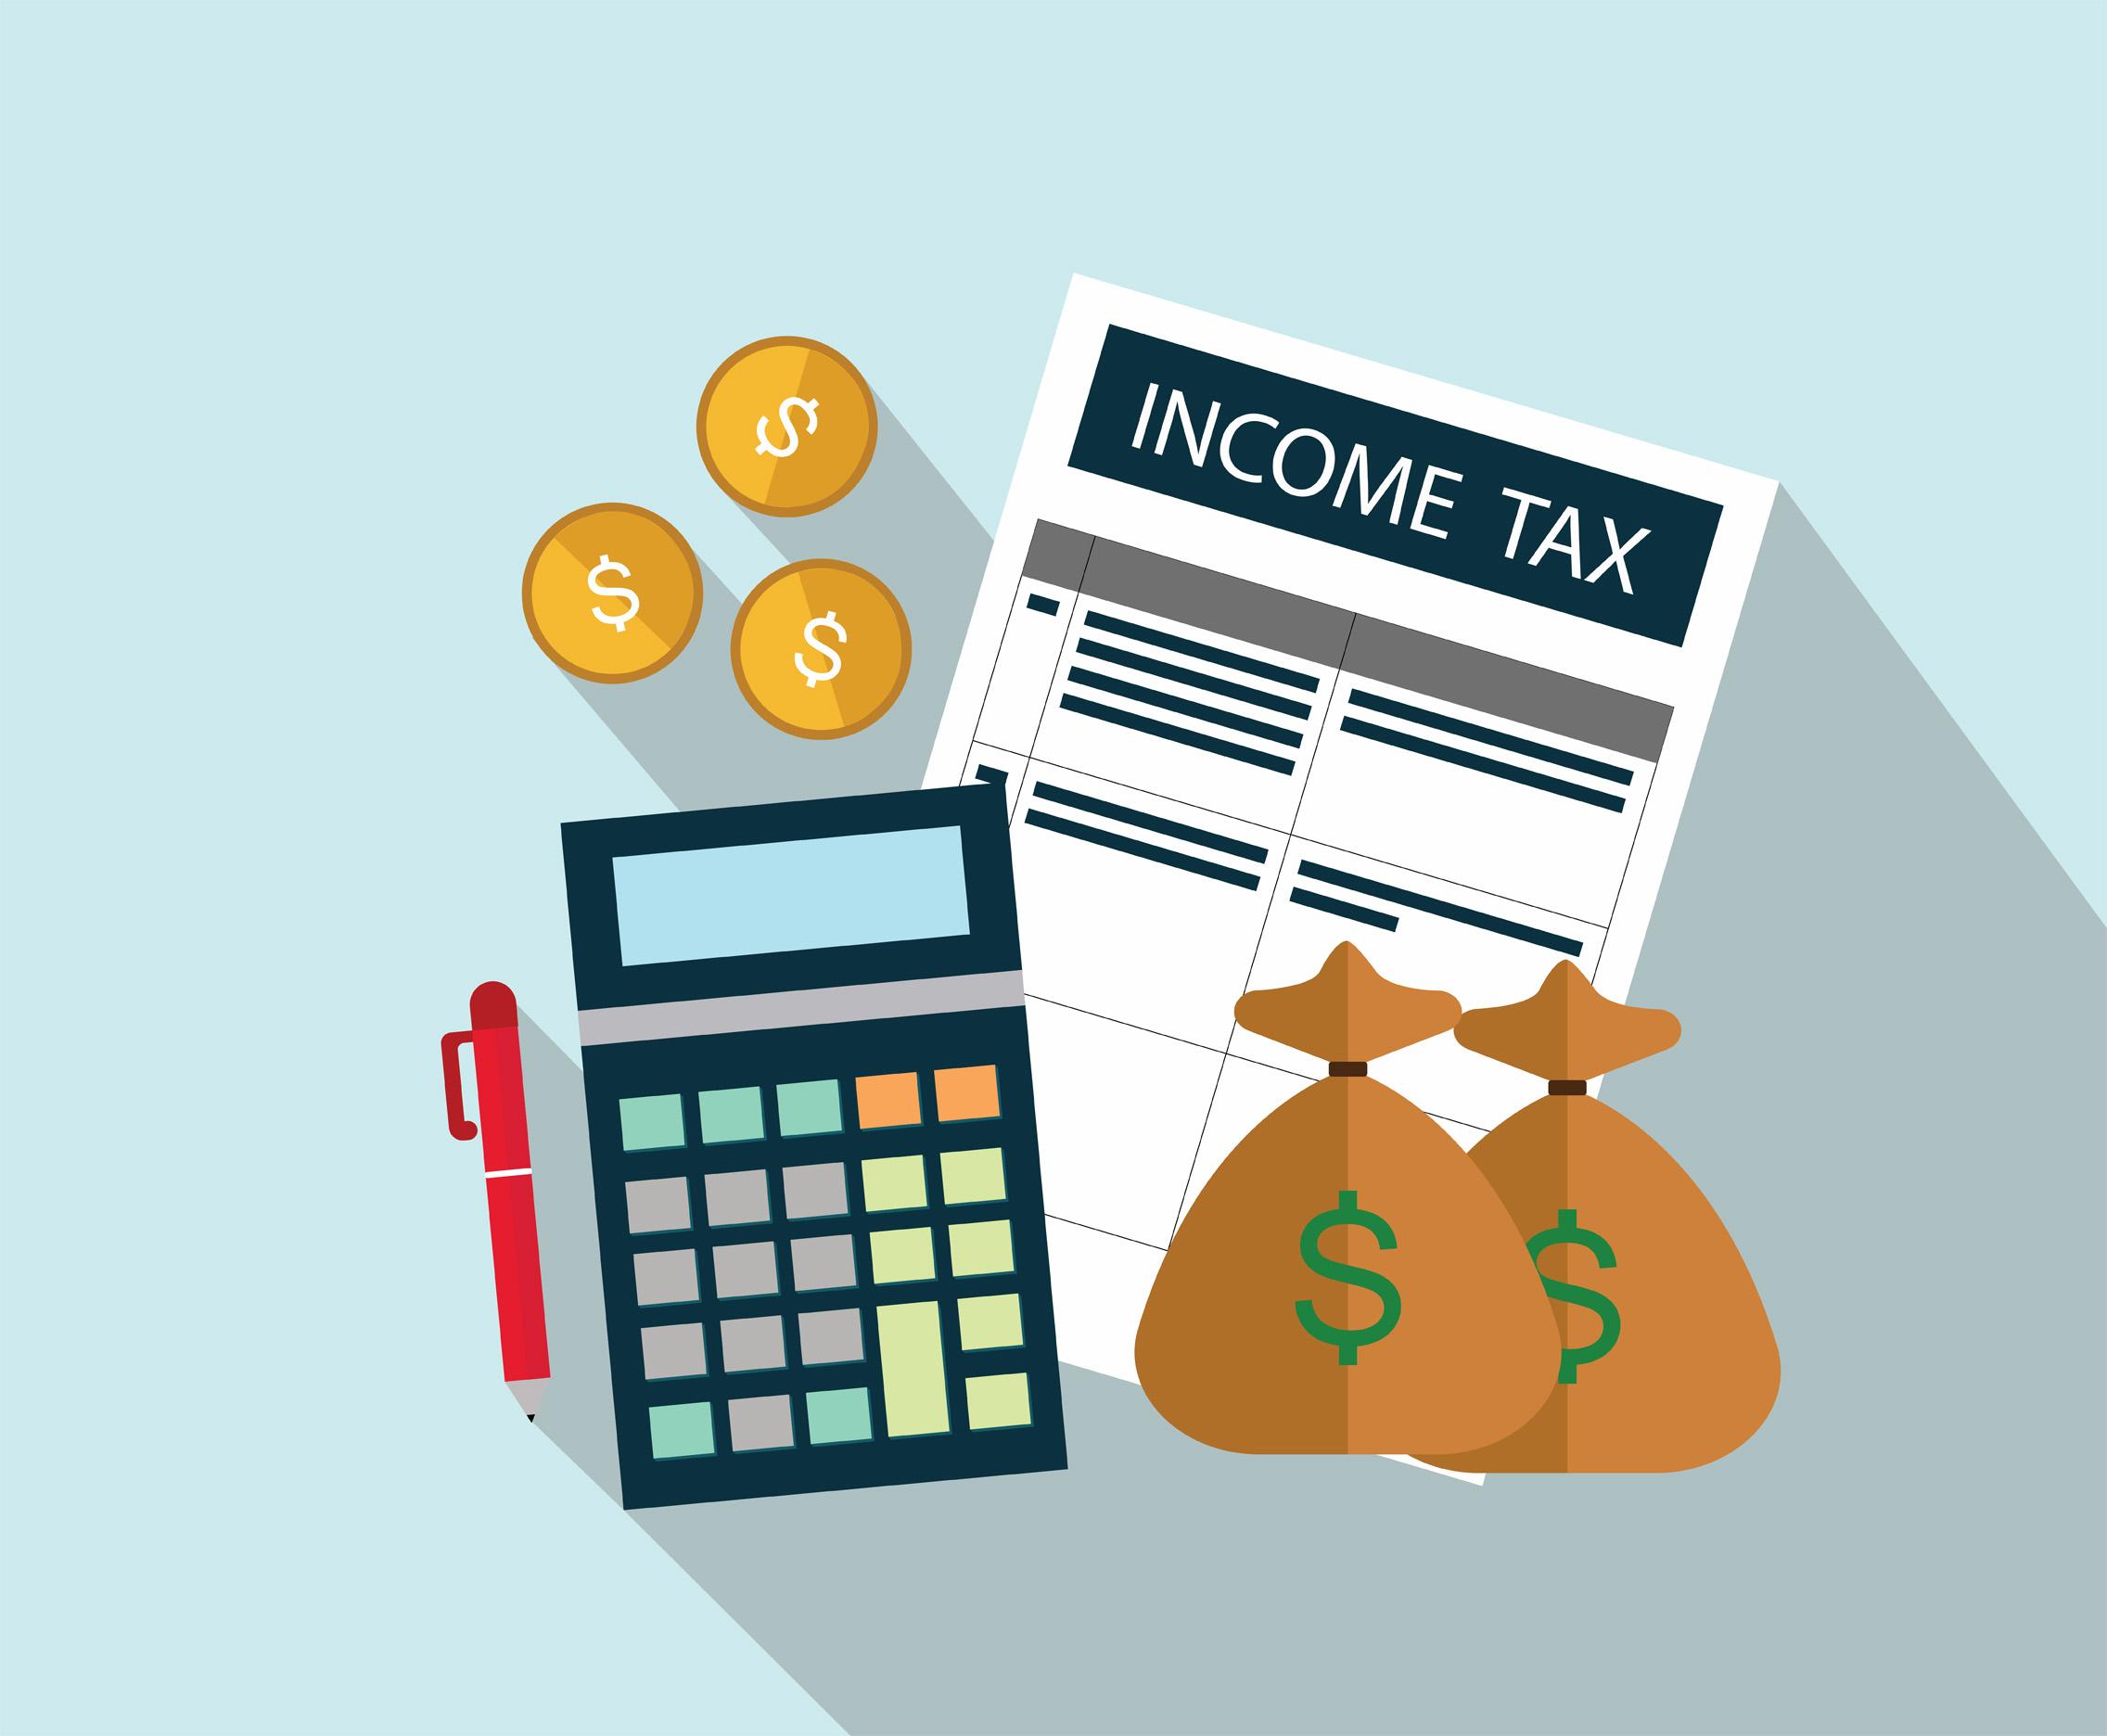 freevector.com/income-tax-vector-art-24863#